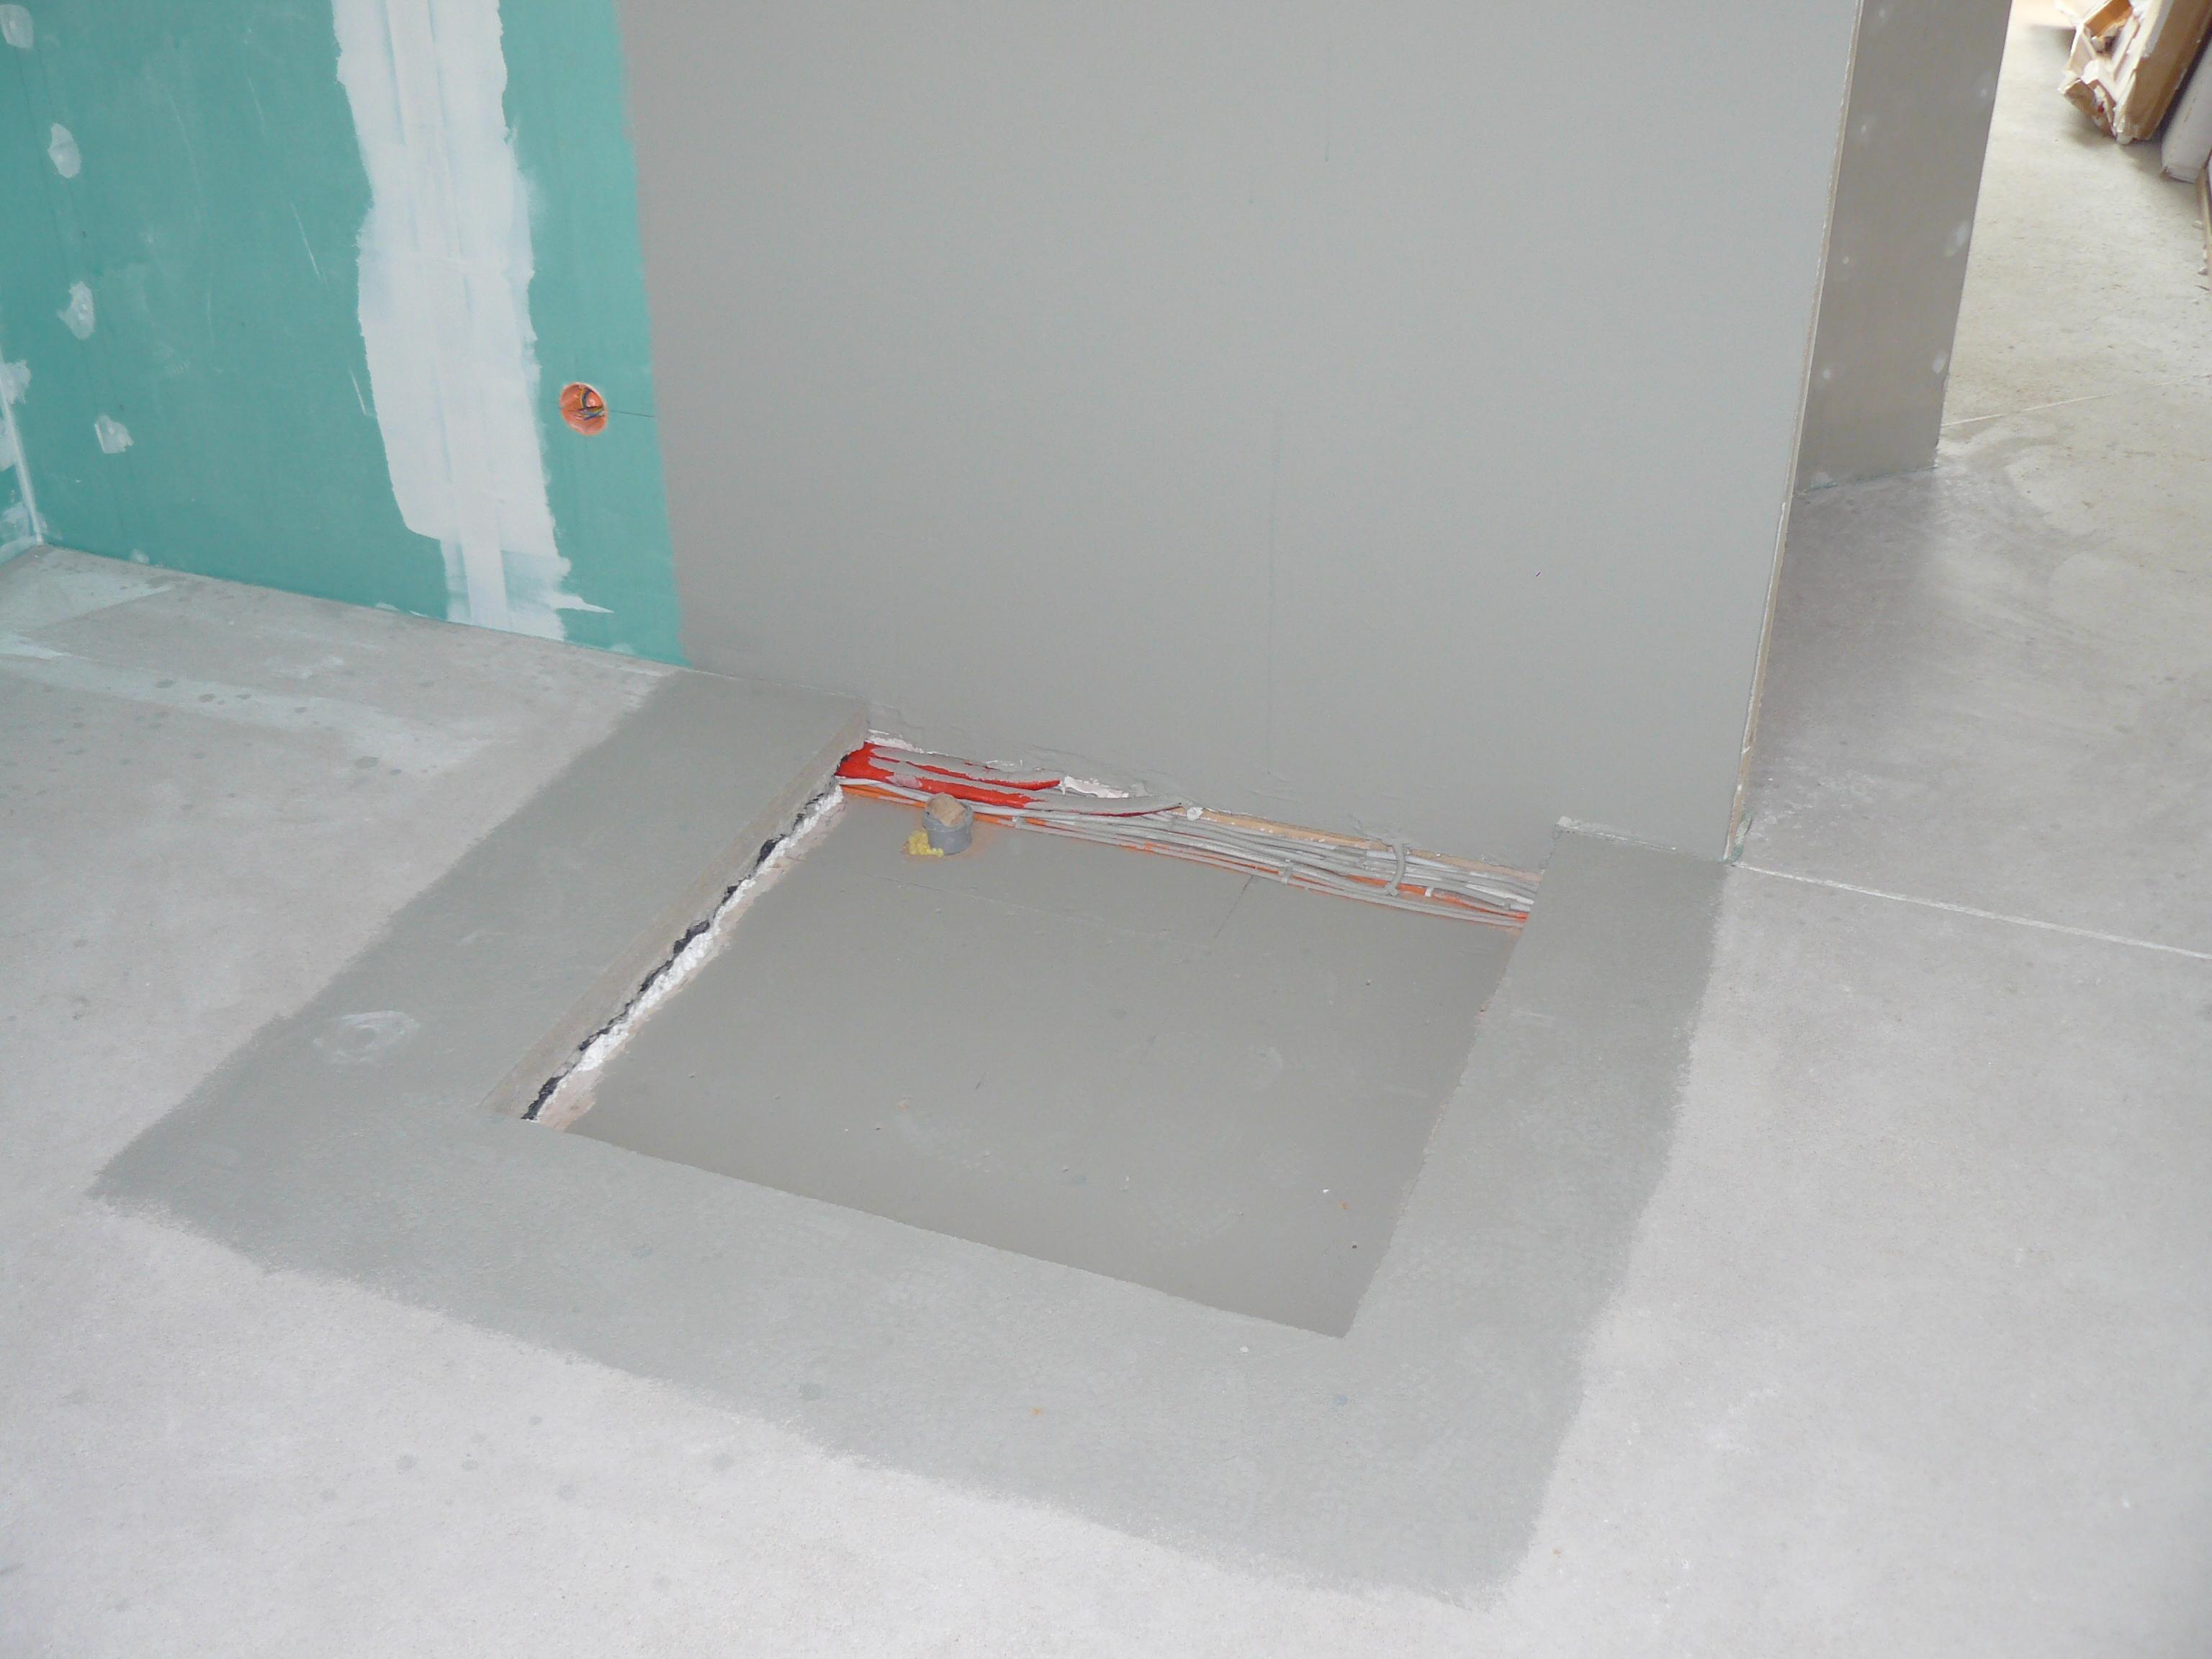 wohnzimmerz: dusche nachträglich einbauen with das bad renovieren, Badezimmer